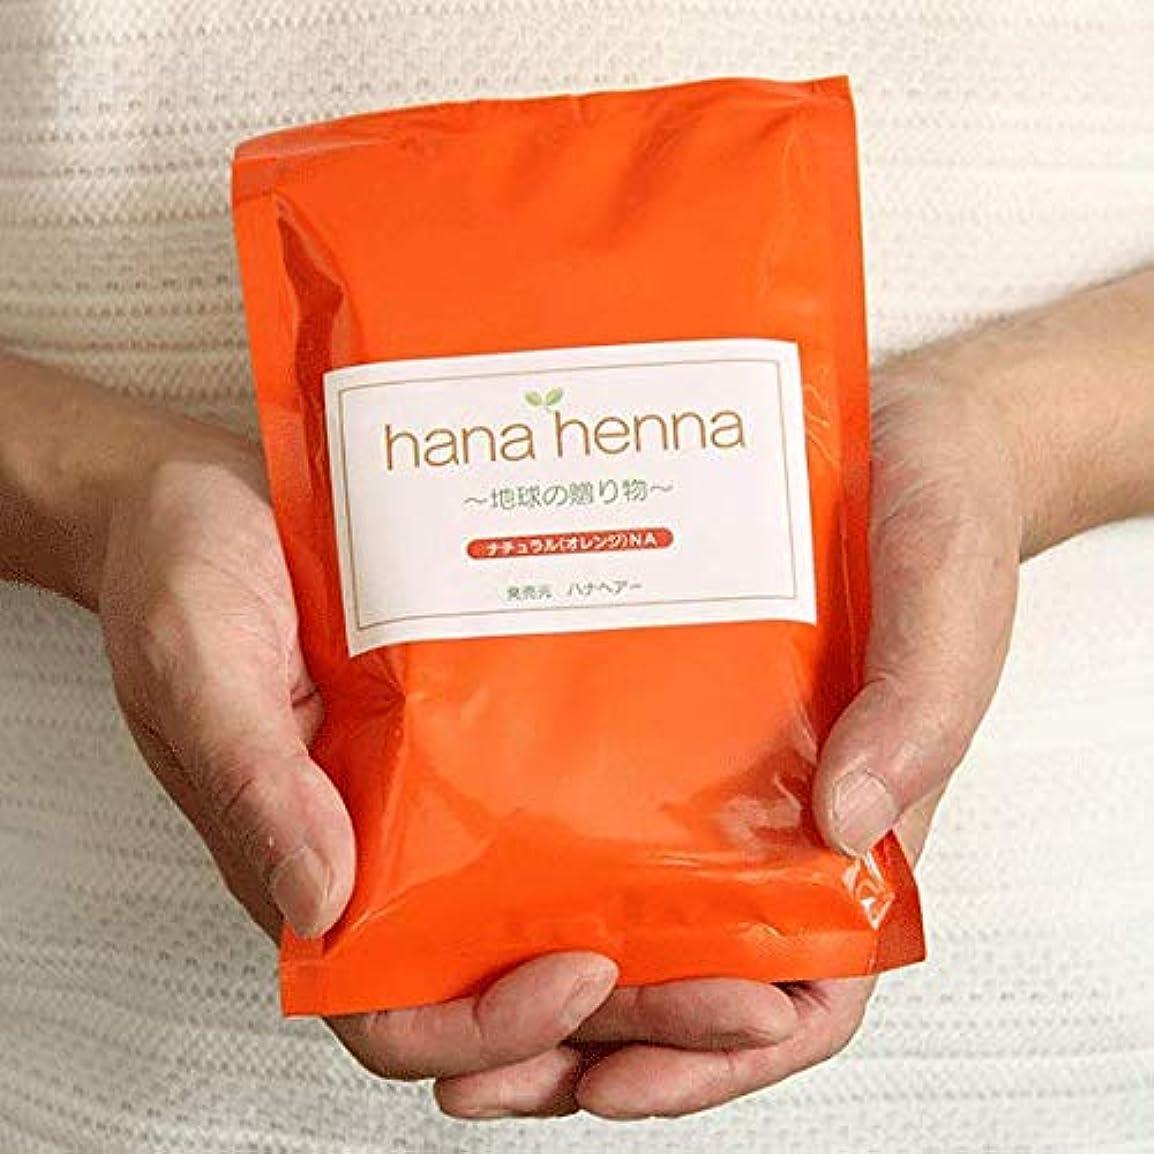 人驚いた何よりも?hana henna?ハナヘナ ナチュラル(オレンジ) 500g